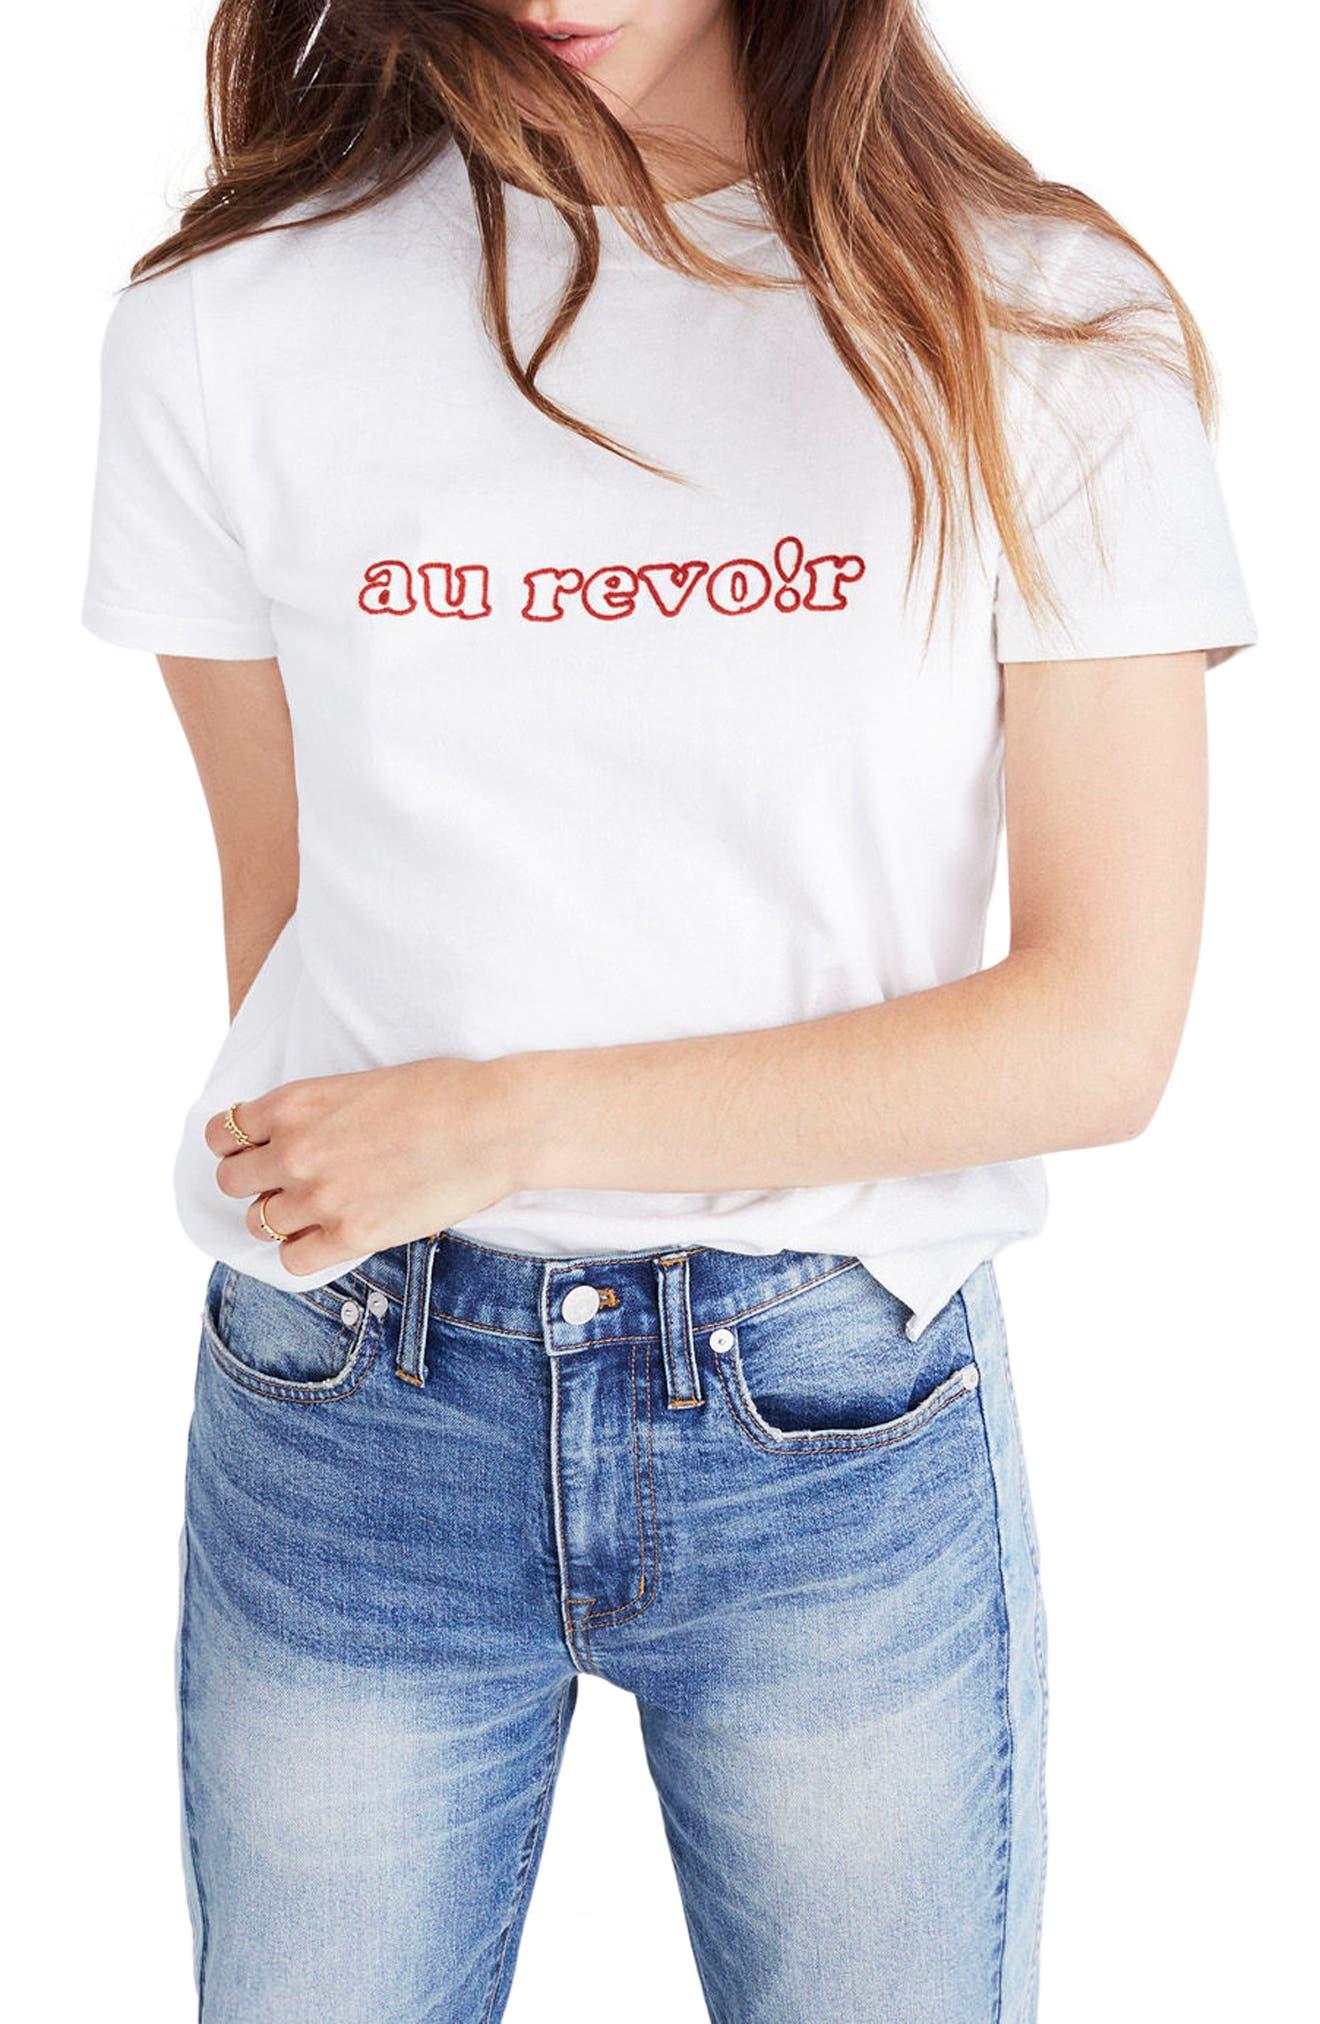 Main Image - Madewell Au Revoir Tee